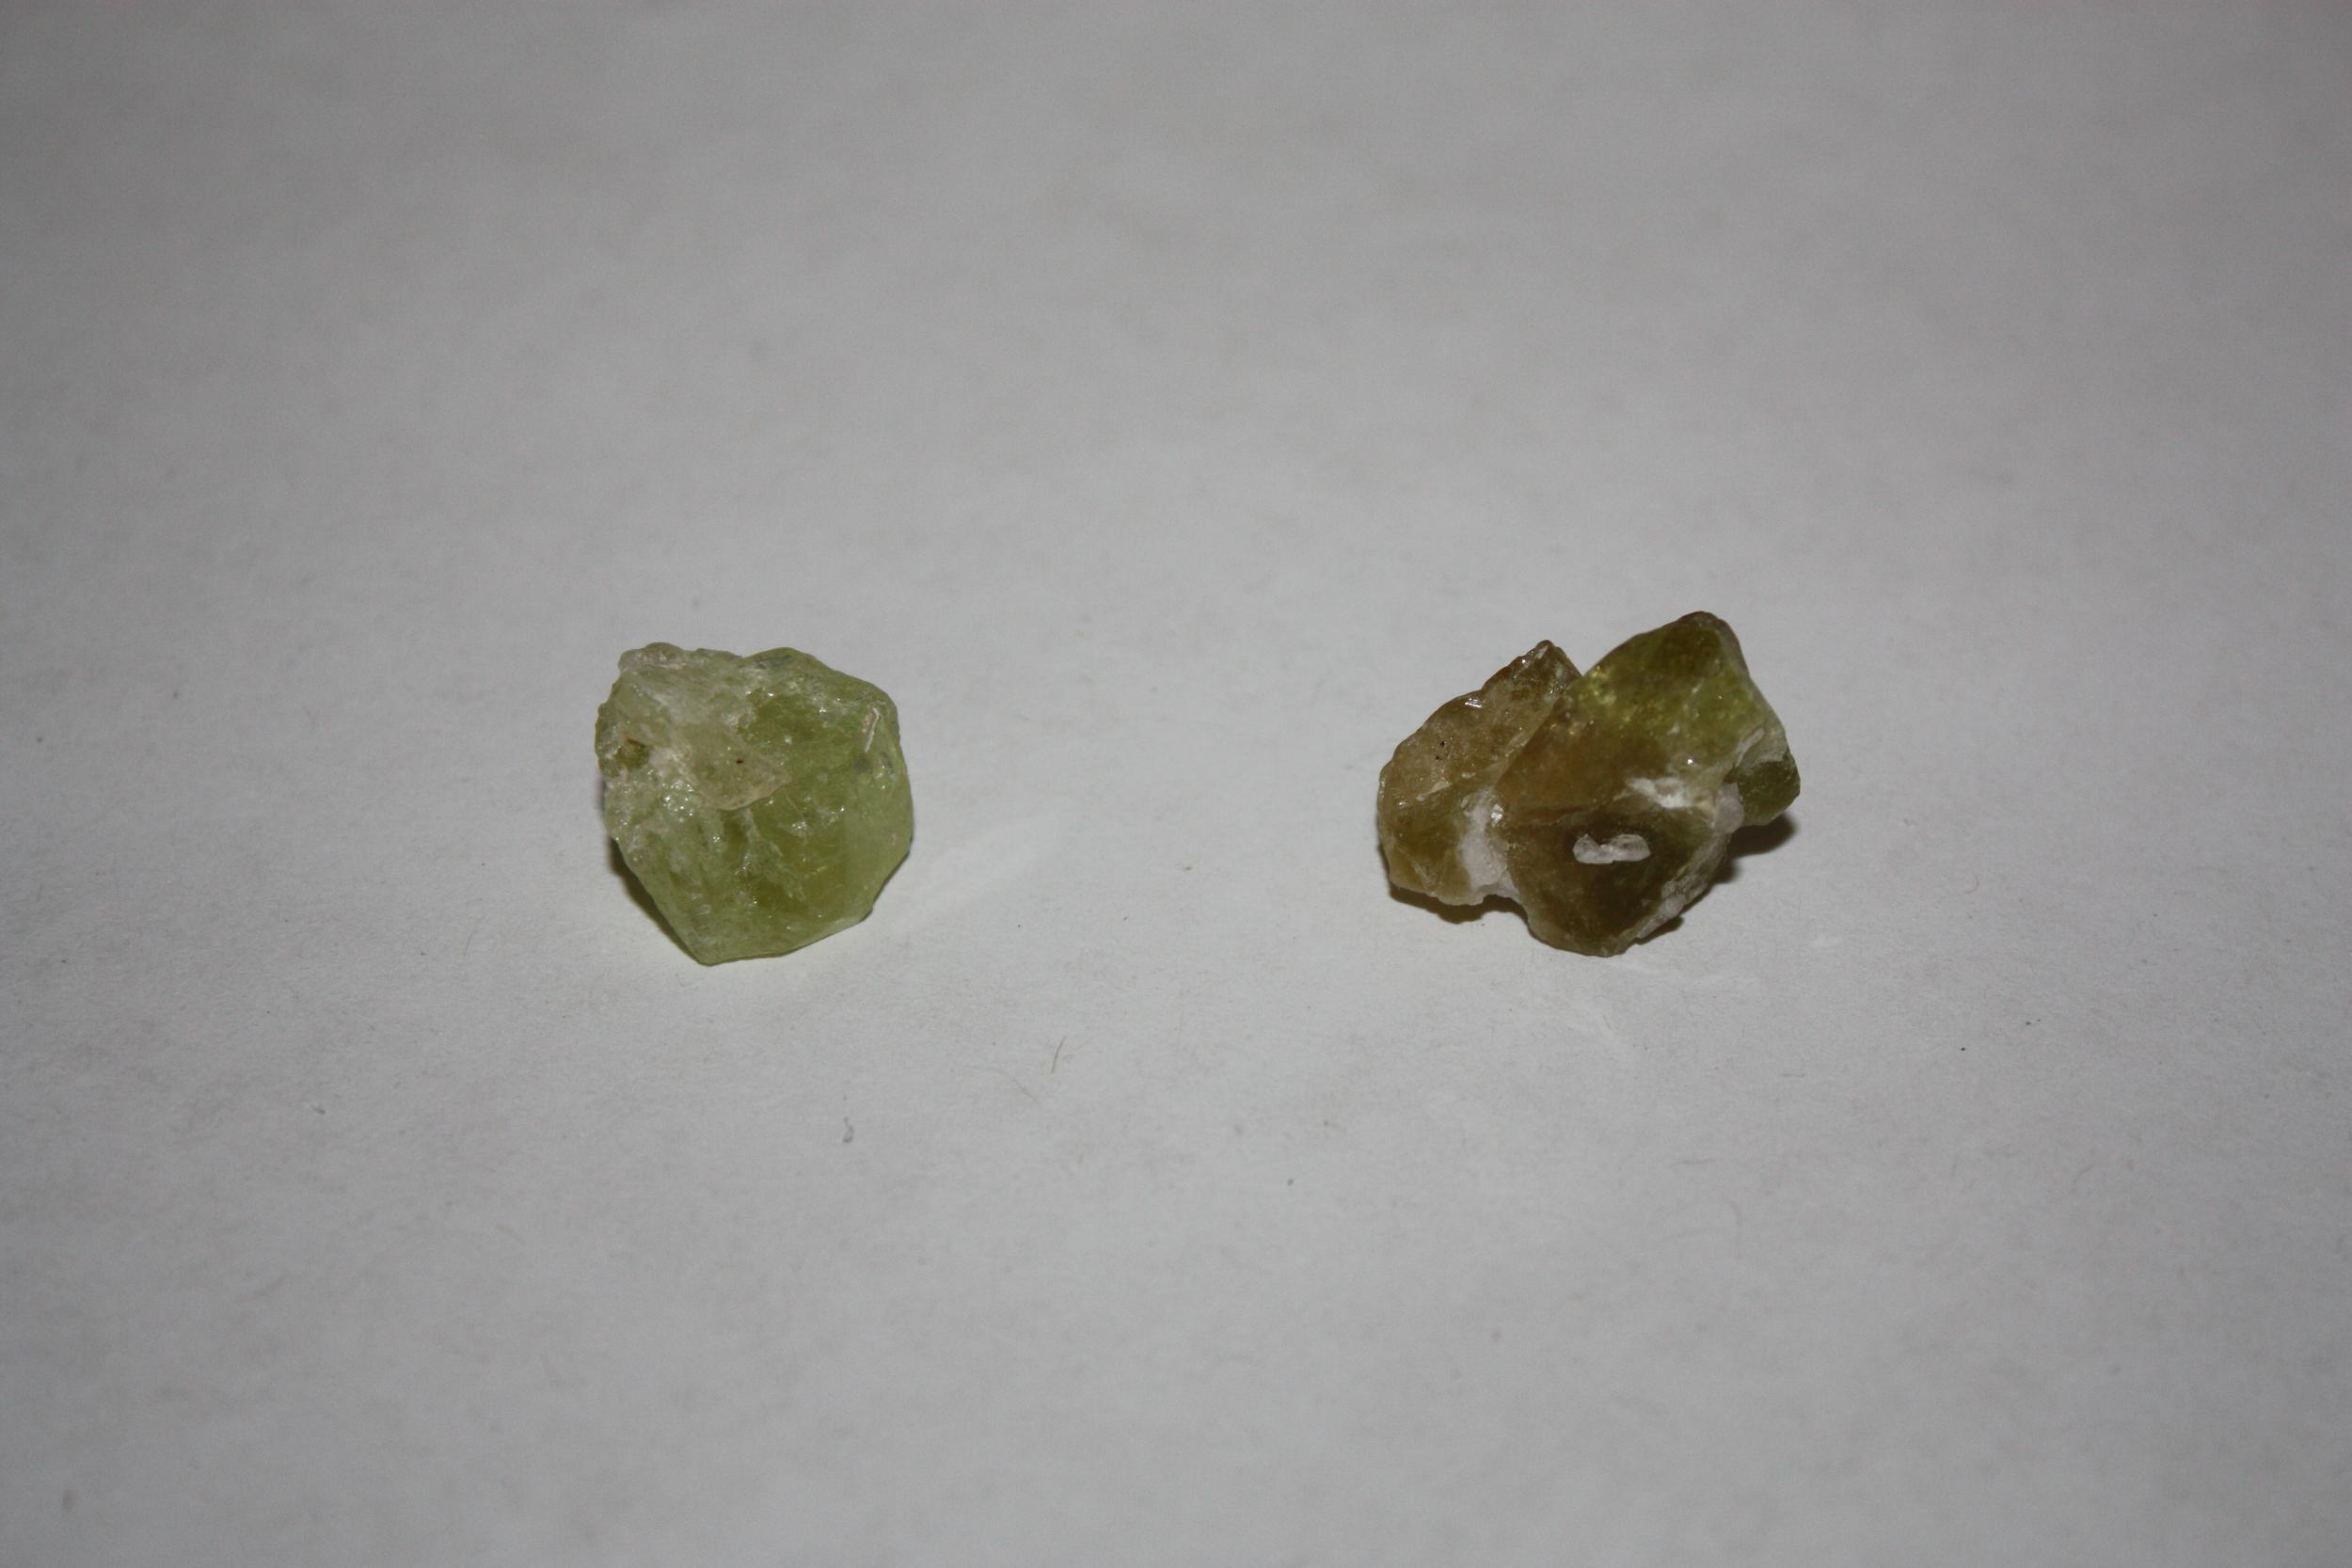 Brazilianite (  NaAl3(PO4)2(OH)4)